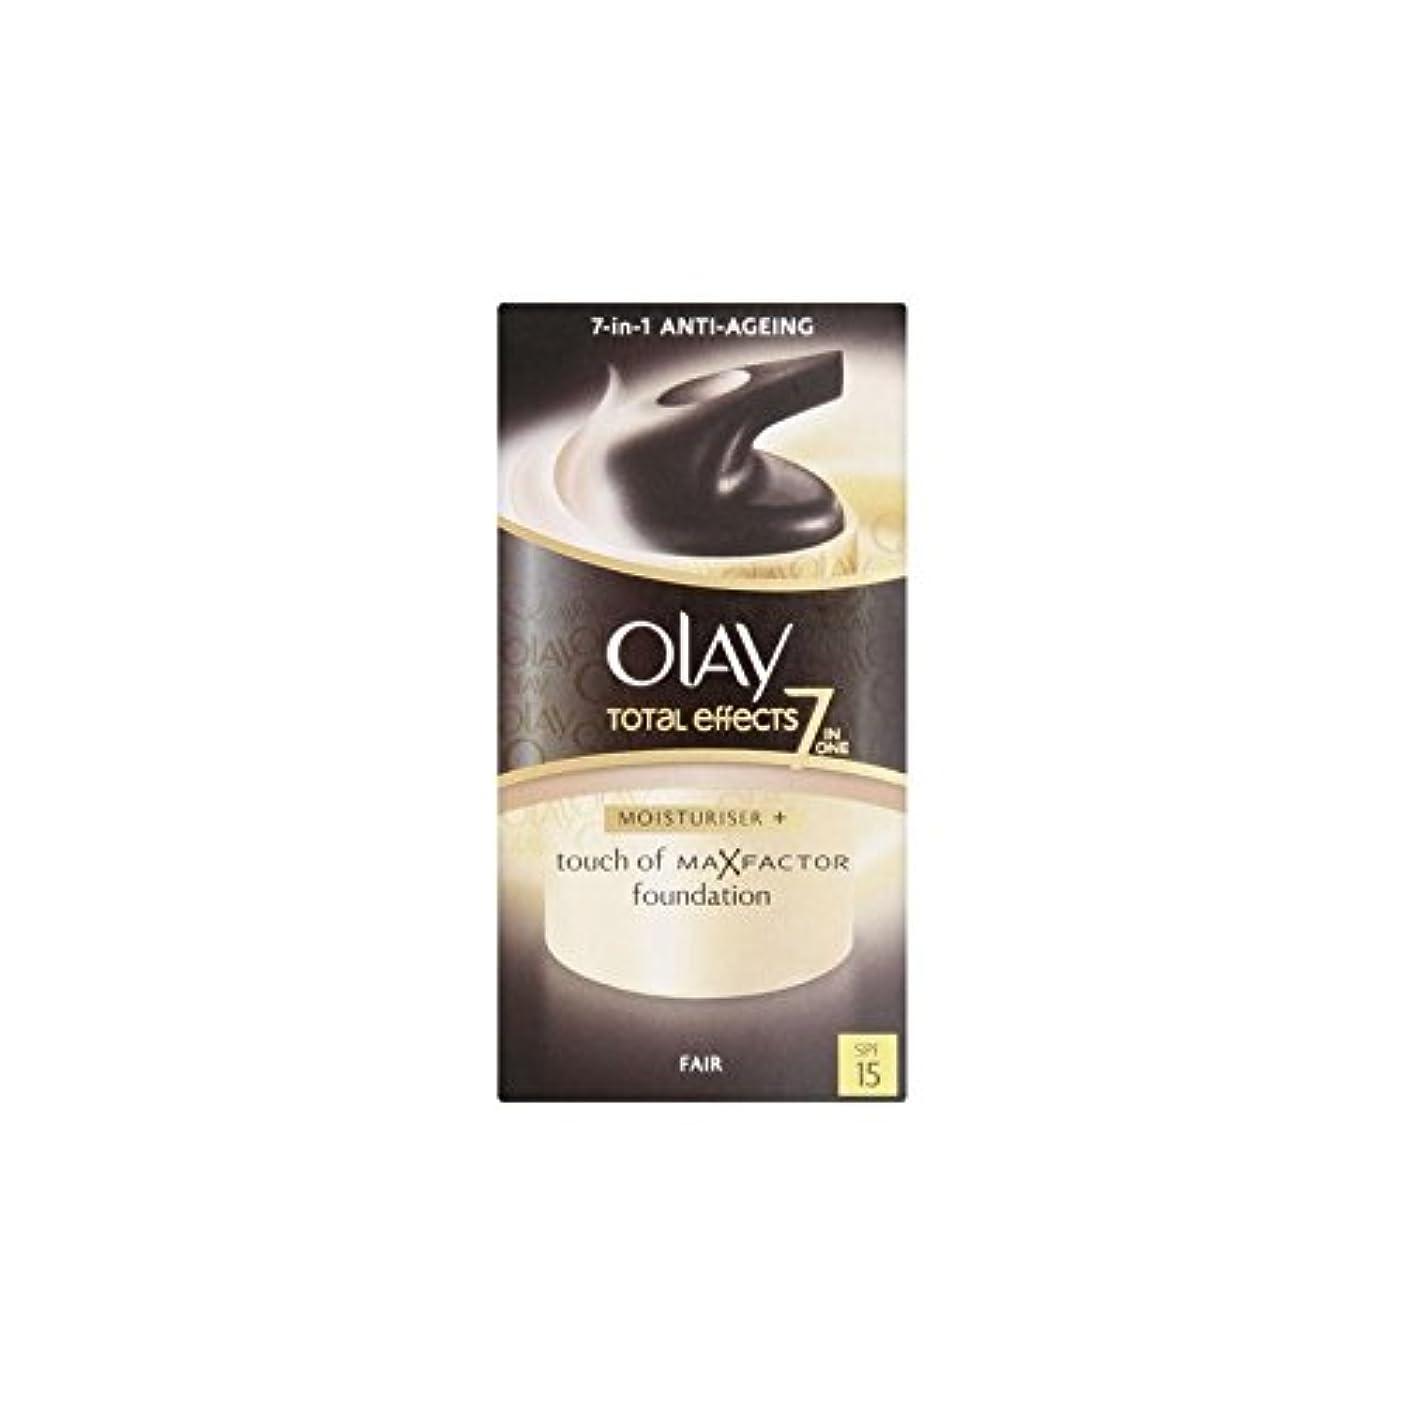 バルブヒゲ研磨オーレイトータルエフェクト保湿クリーム15 - フェア(50ミリリットル) x2 - Olay Total Effects Moisturiser Bb Cream Spf15 - Fair (50ml) (Pack of...